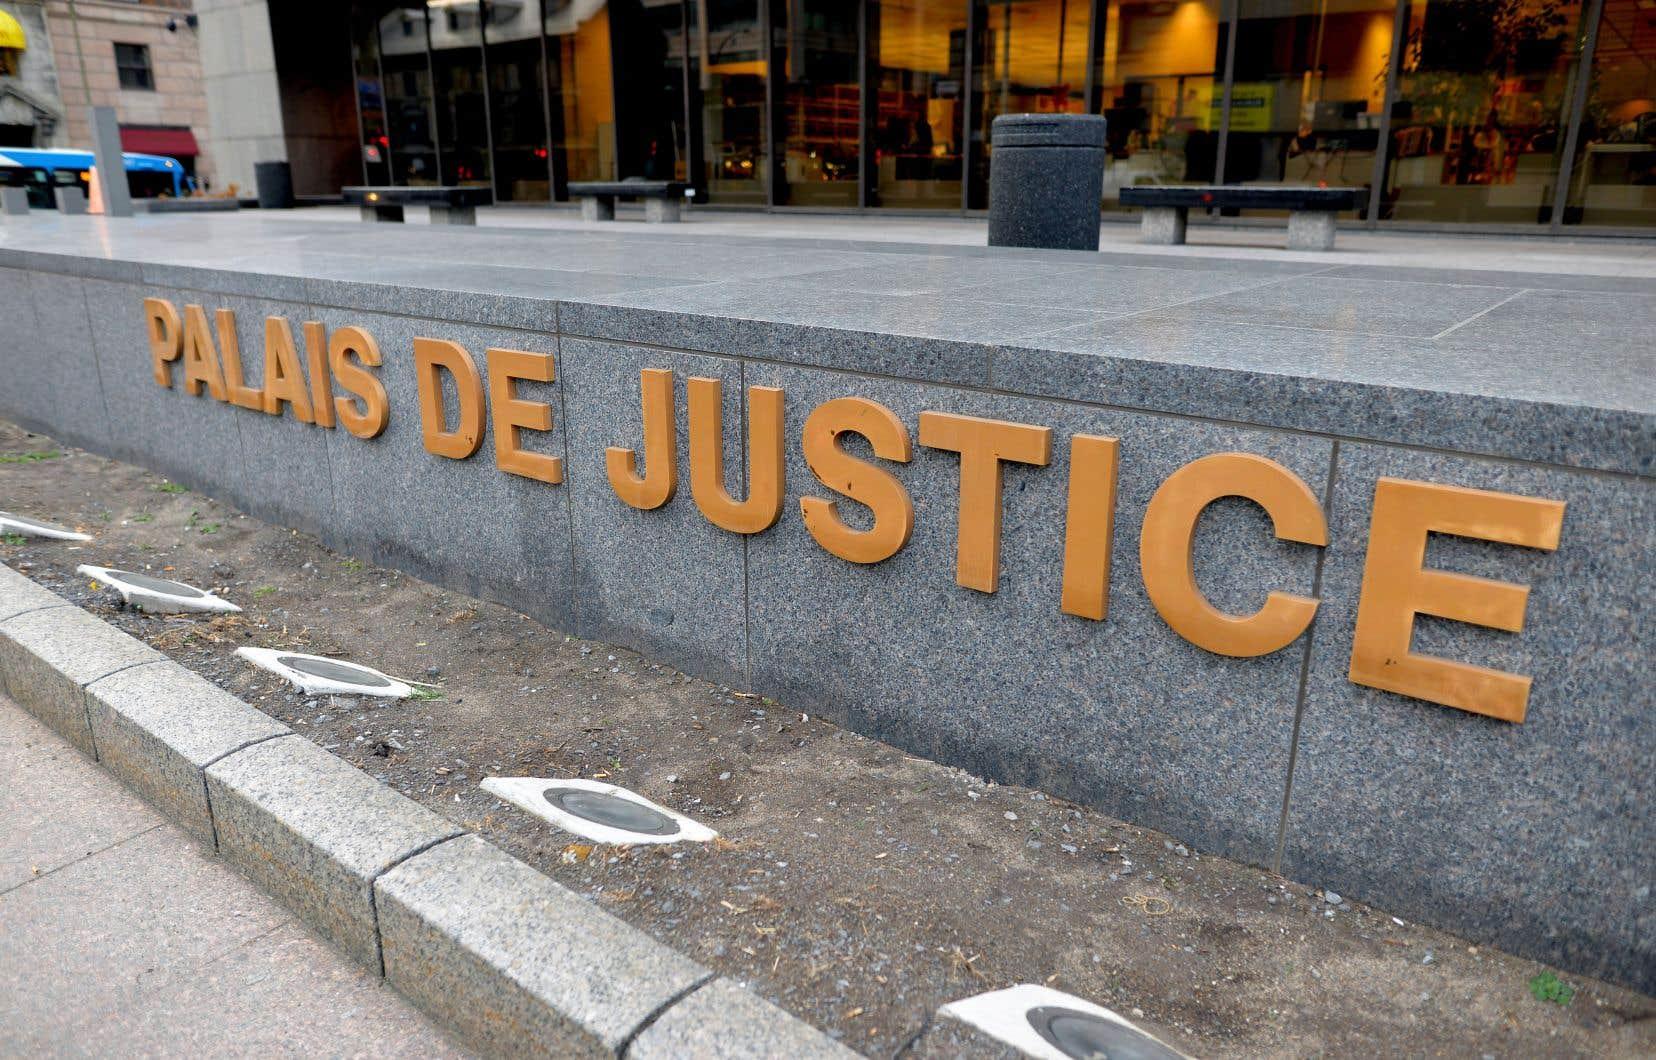 «La Constitution canadienne permet à toute personne d'utiliser à son choix le français ou l'anglais devant un tribunal établi par la législature du Québec, dont la Cour du Québec», mentionne l'auteur.